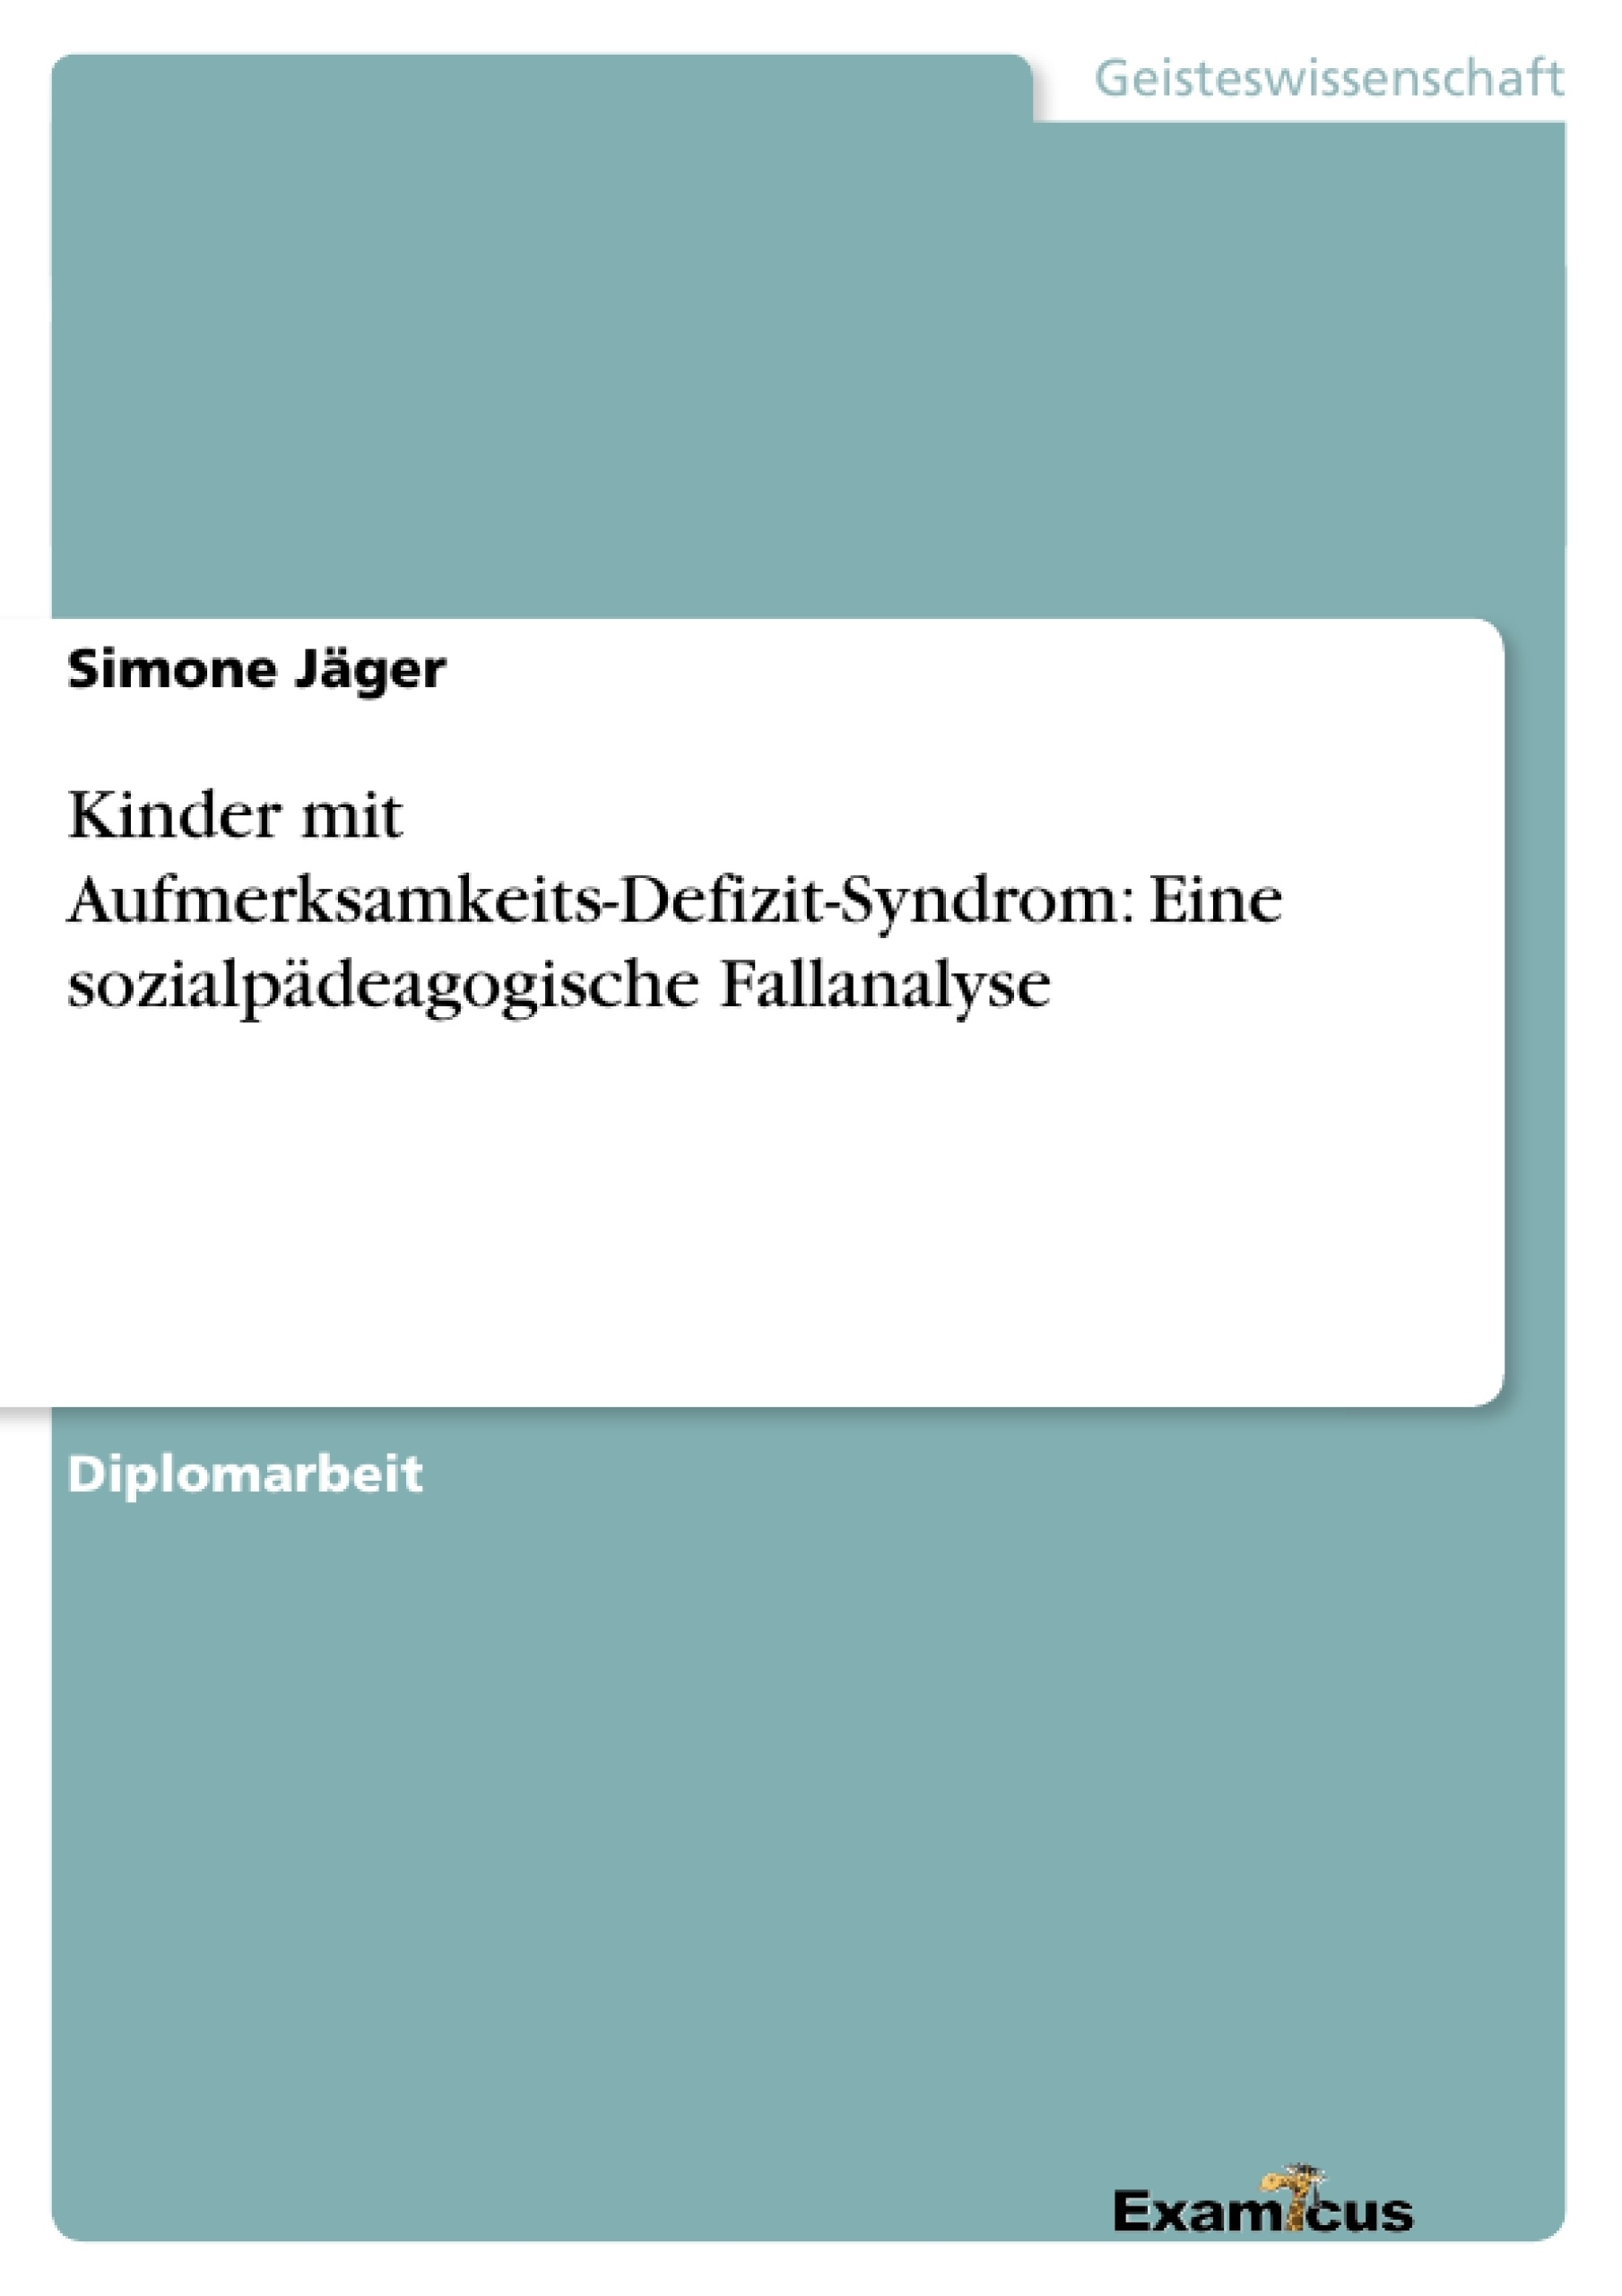 Titel: Kinder mit Aufmerksamkeits-Defizit-Syndrom: Eine sozialpädeagogische Fallanalyse